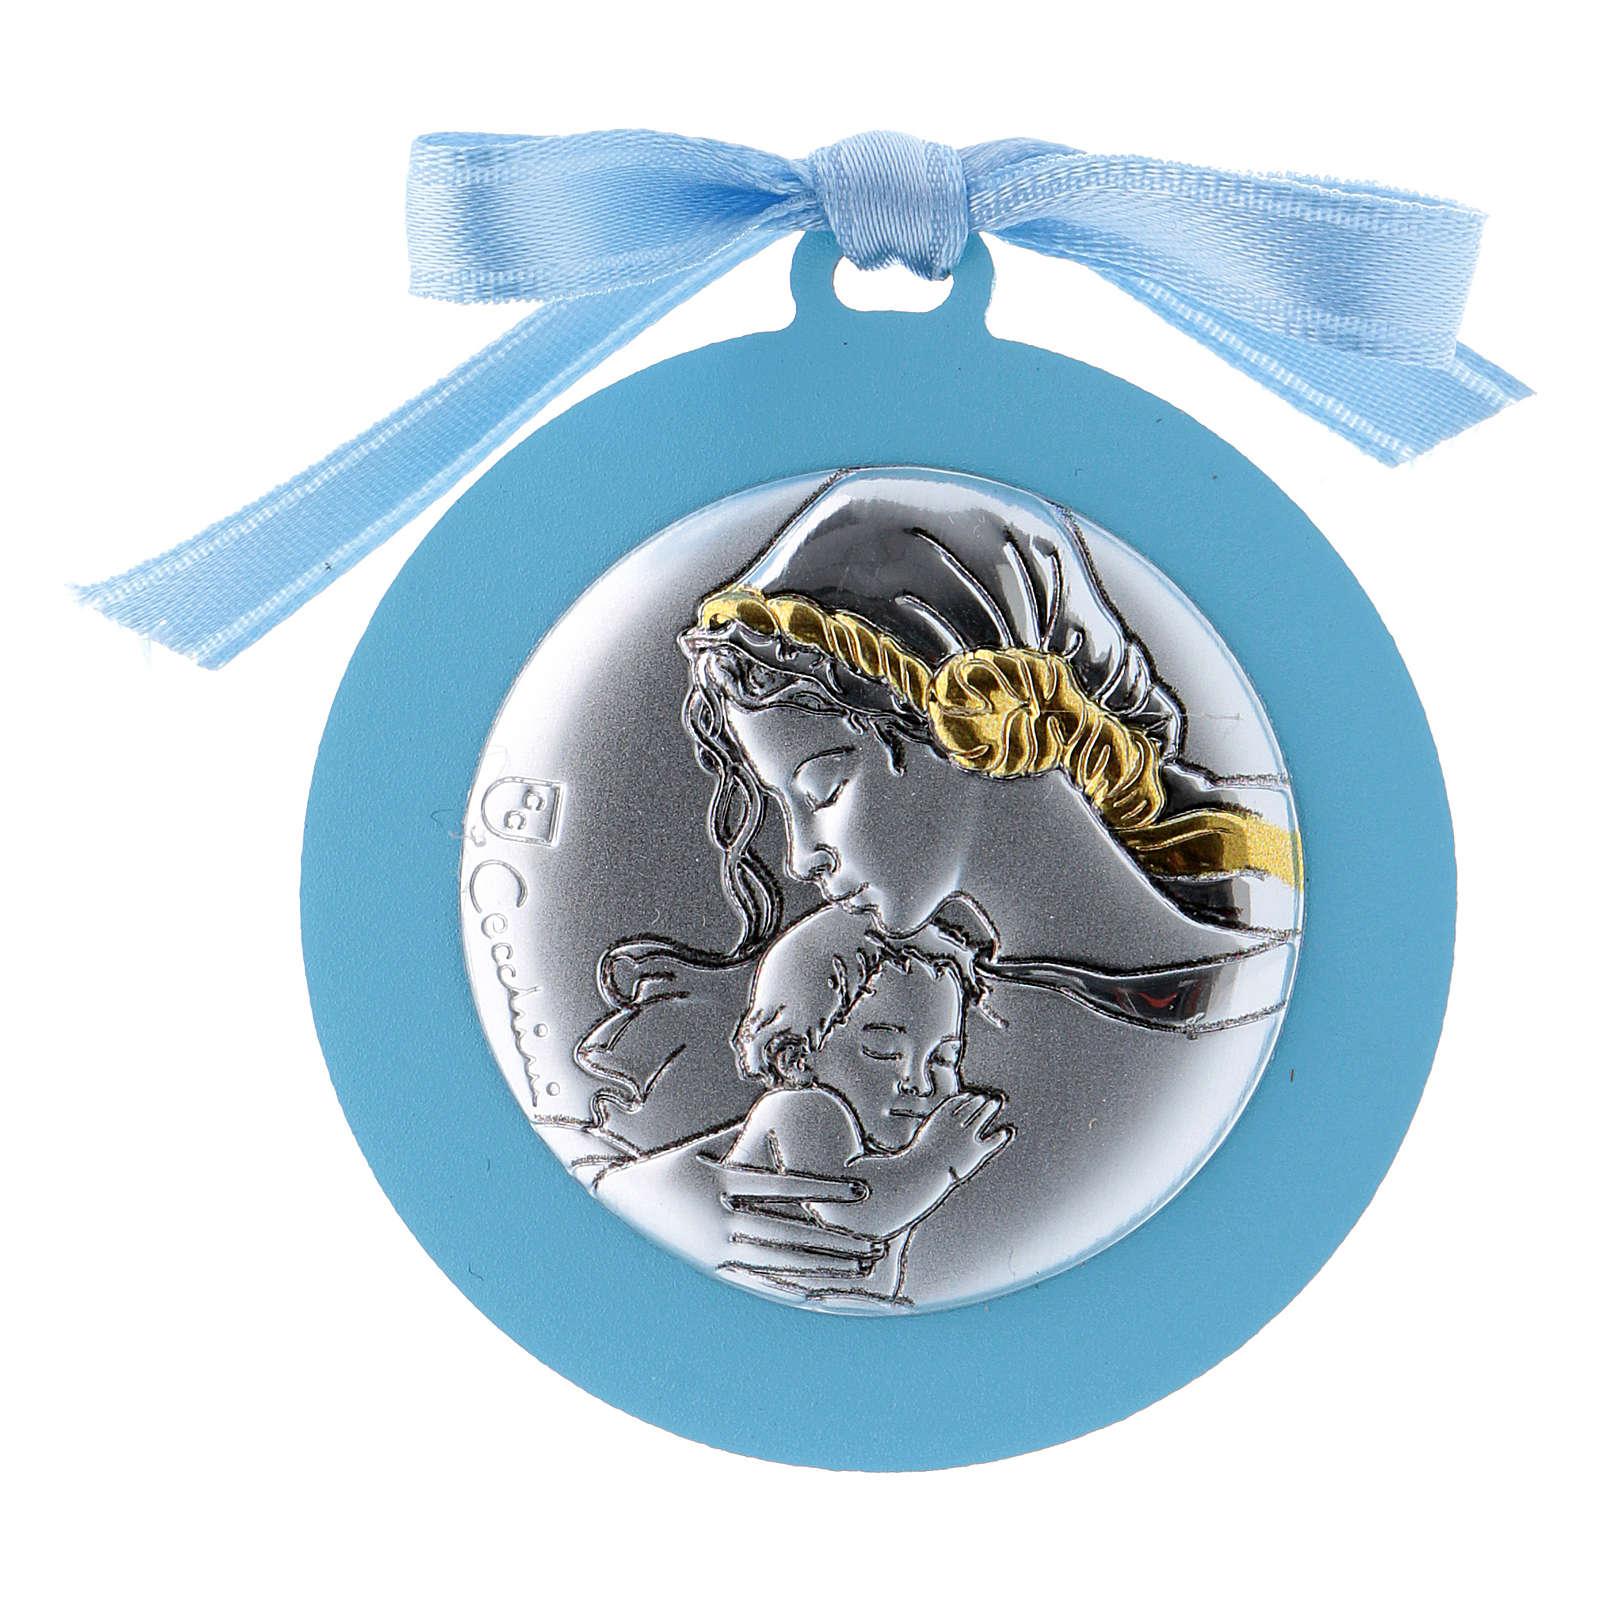 Sopraculla in bilaminato Madonna Bambino finiture oro nastro azzurro 4 cm 4